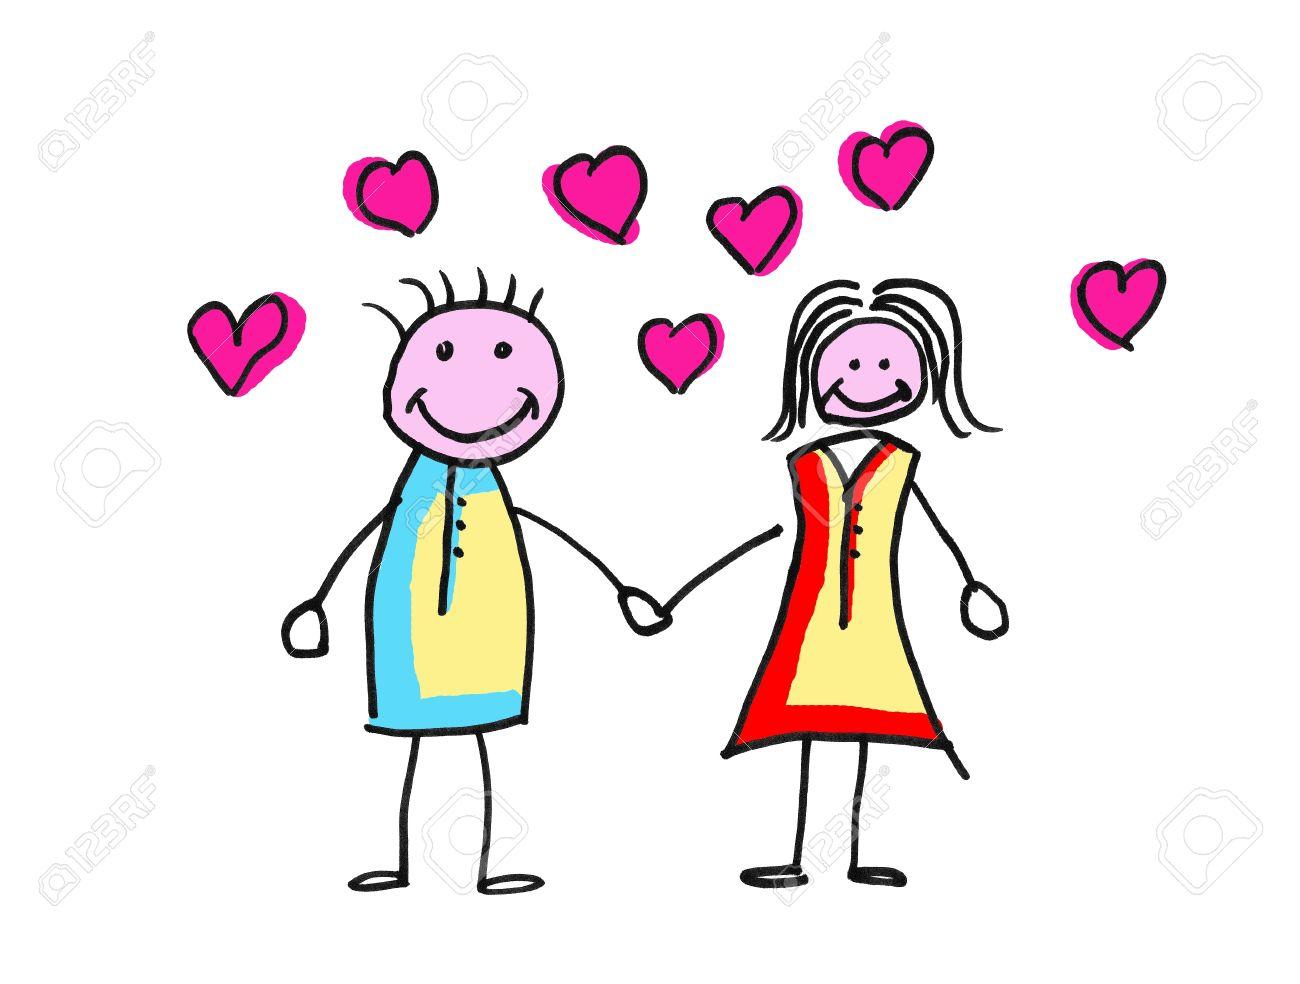 Ilustración De Un Dibujo De Una Pareja De Enamorados Rodeados De